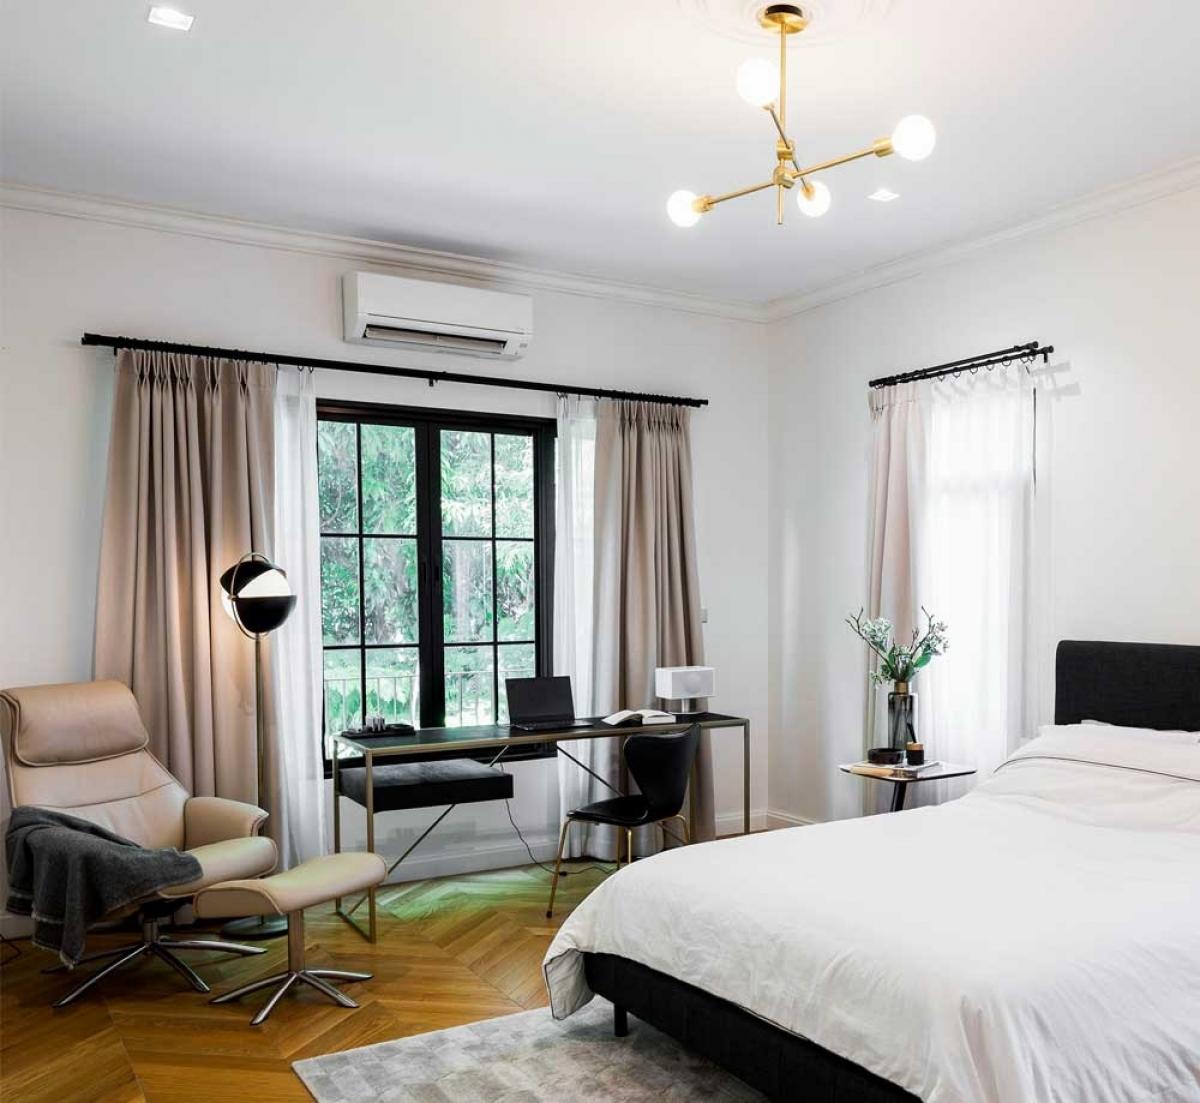 Phòng ngủ lấy màu trắng làm tông chủ đạo kết hợp sàn gỗ tạo cảm giác nhẹ nhàng, thư thái. Đặc biệt thiết kế không gian làm việc ngay bên trong./.